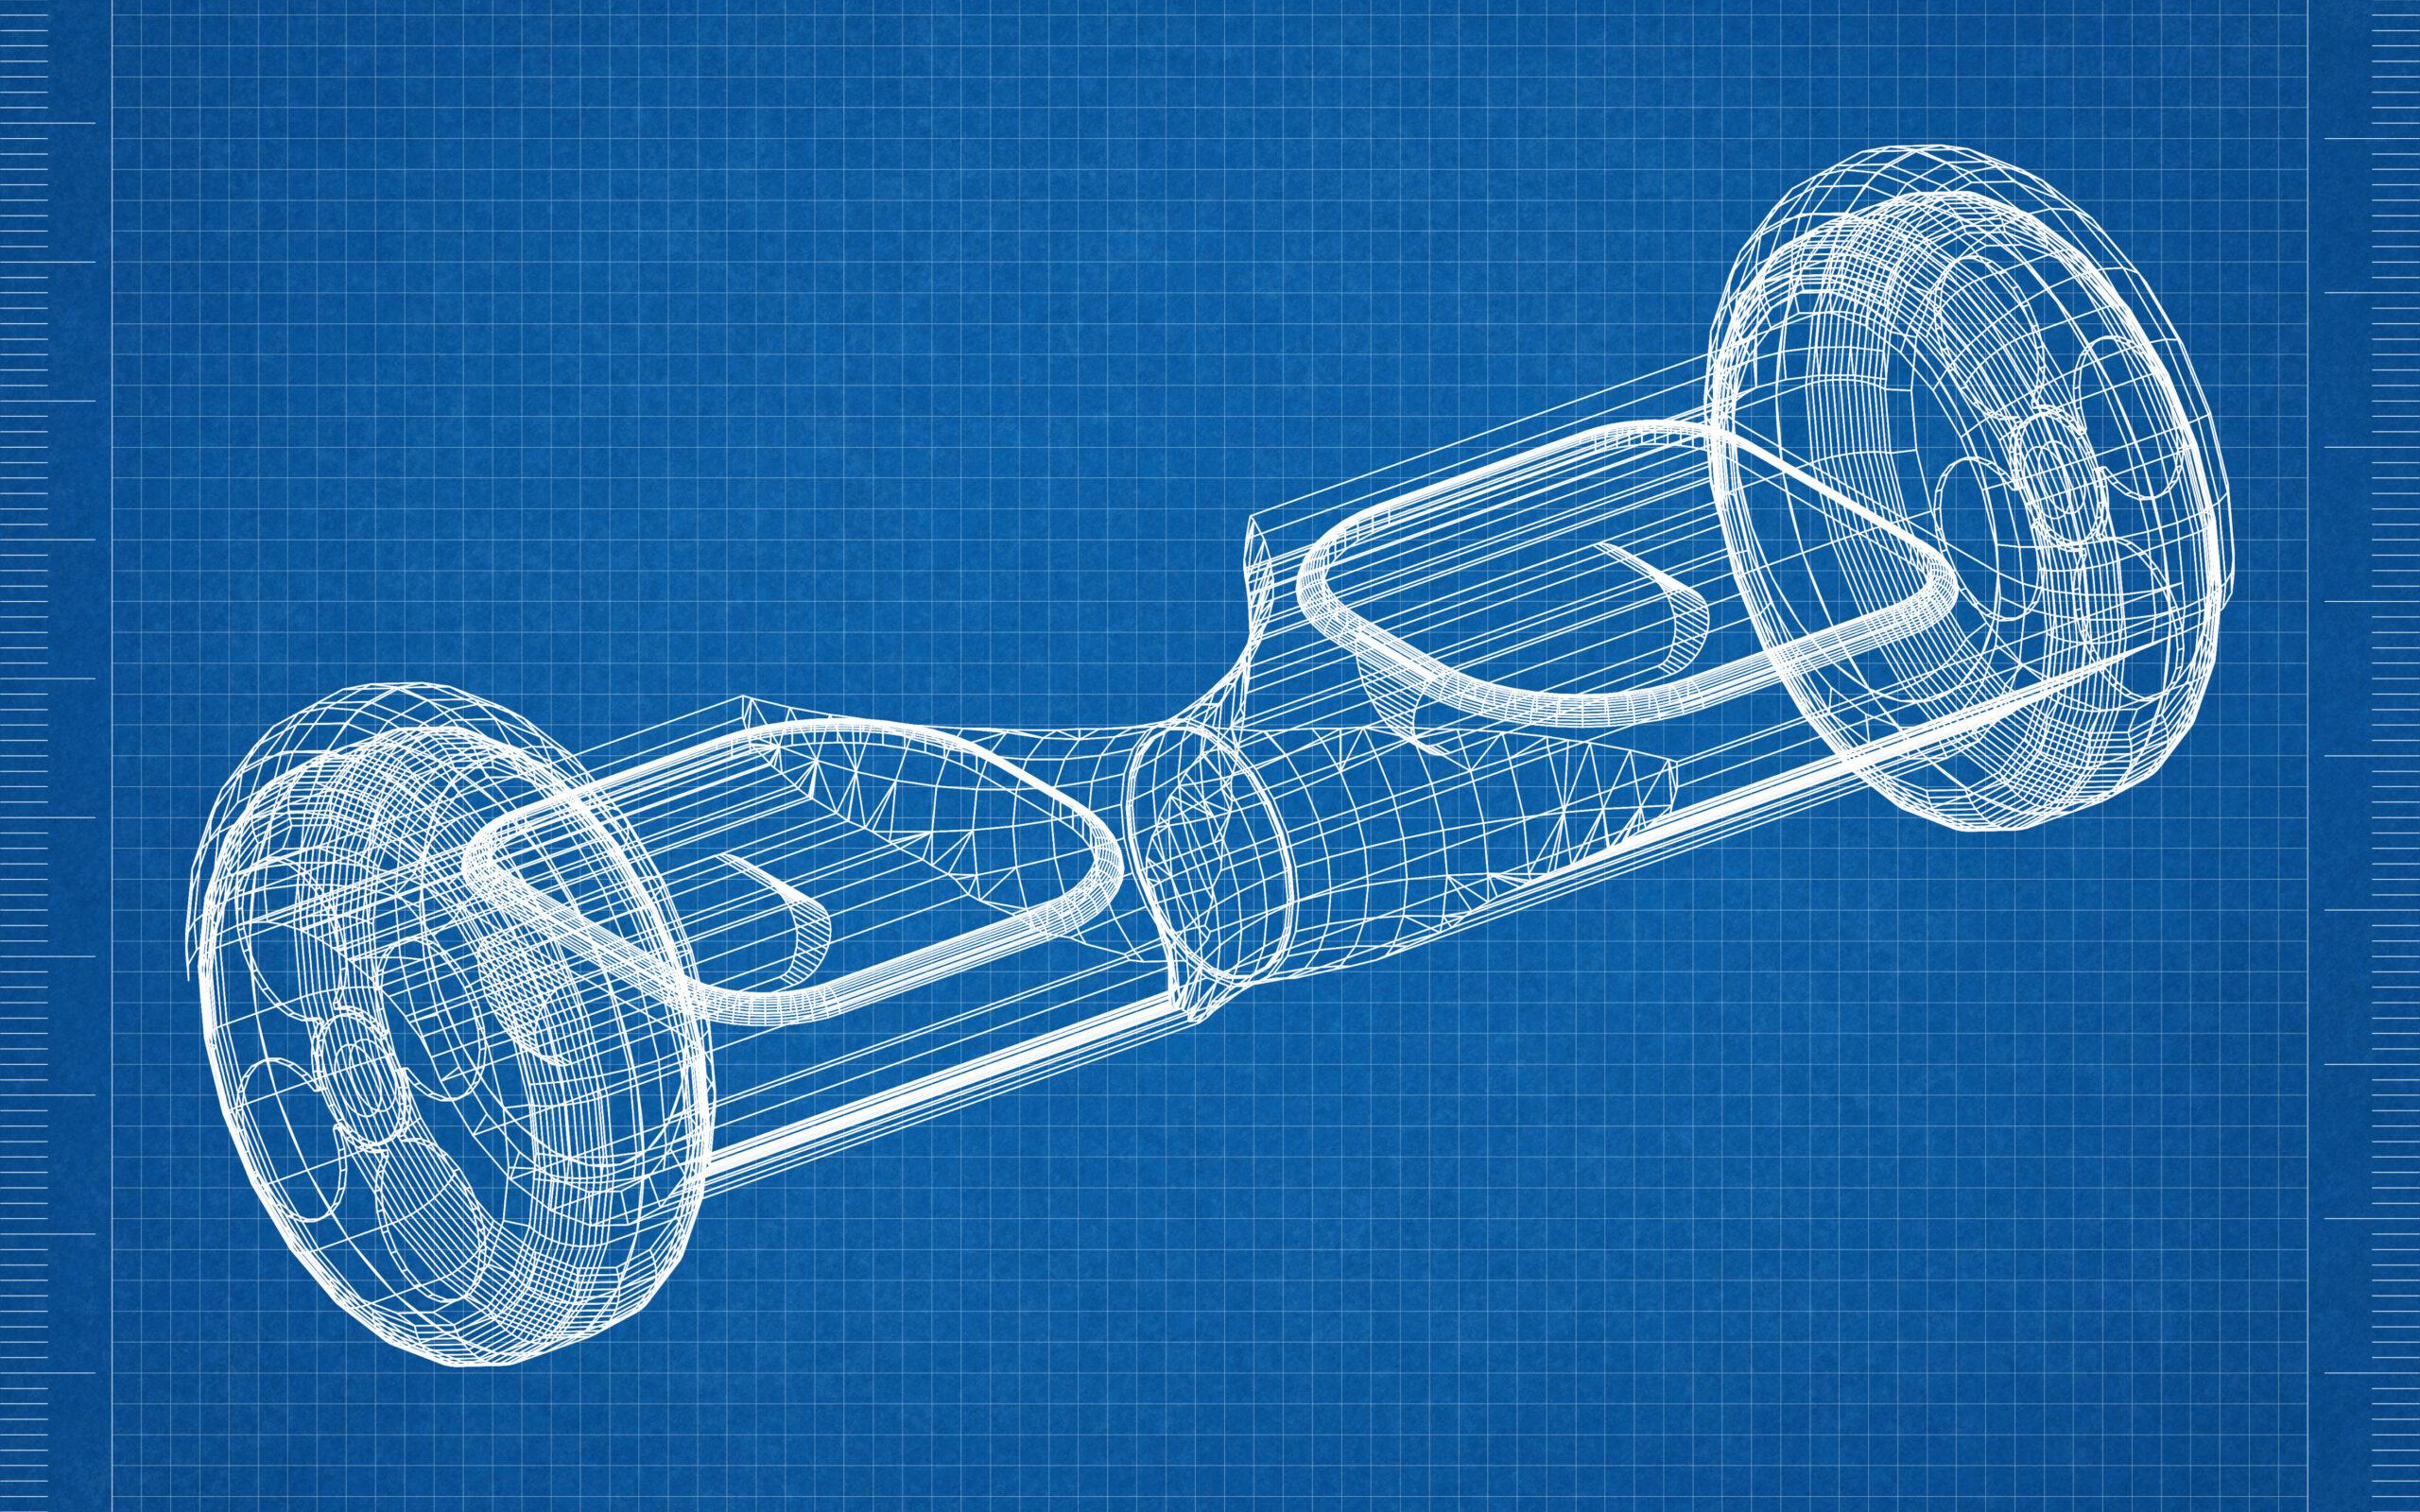 Hoverboard Battery Design